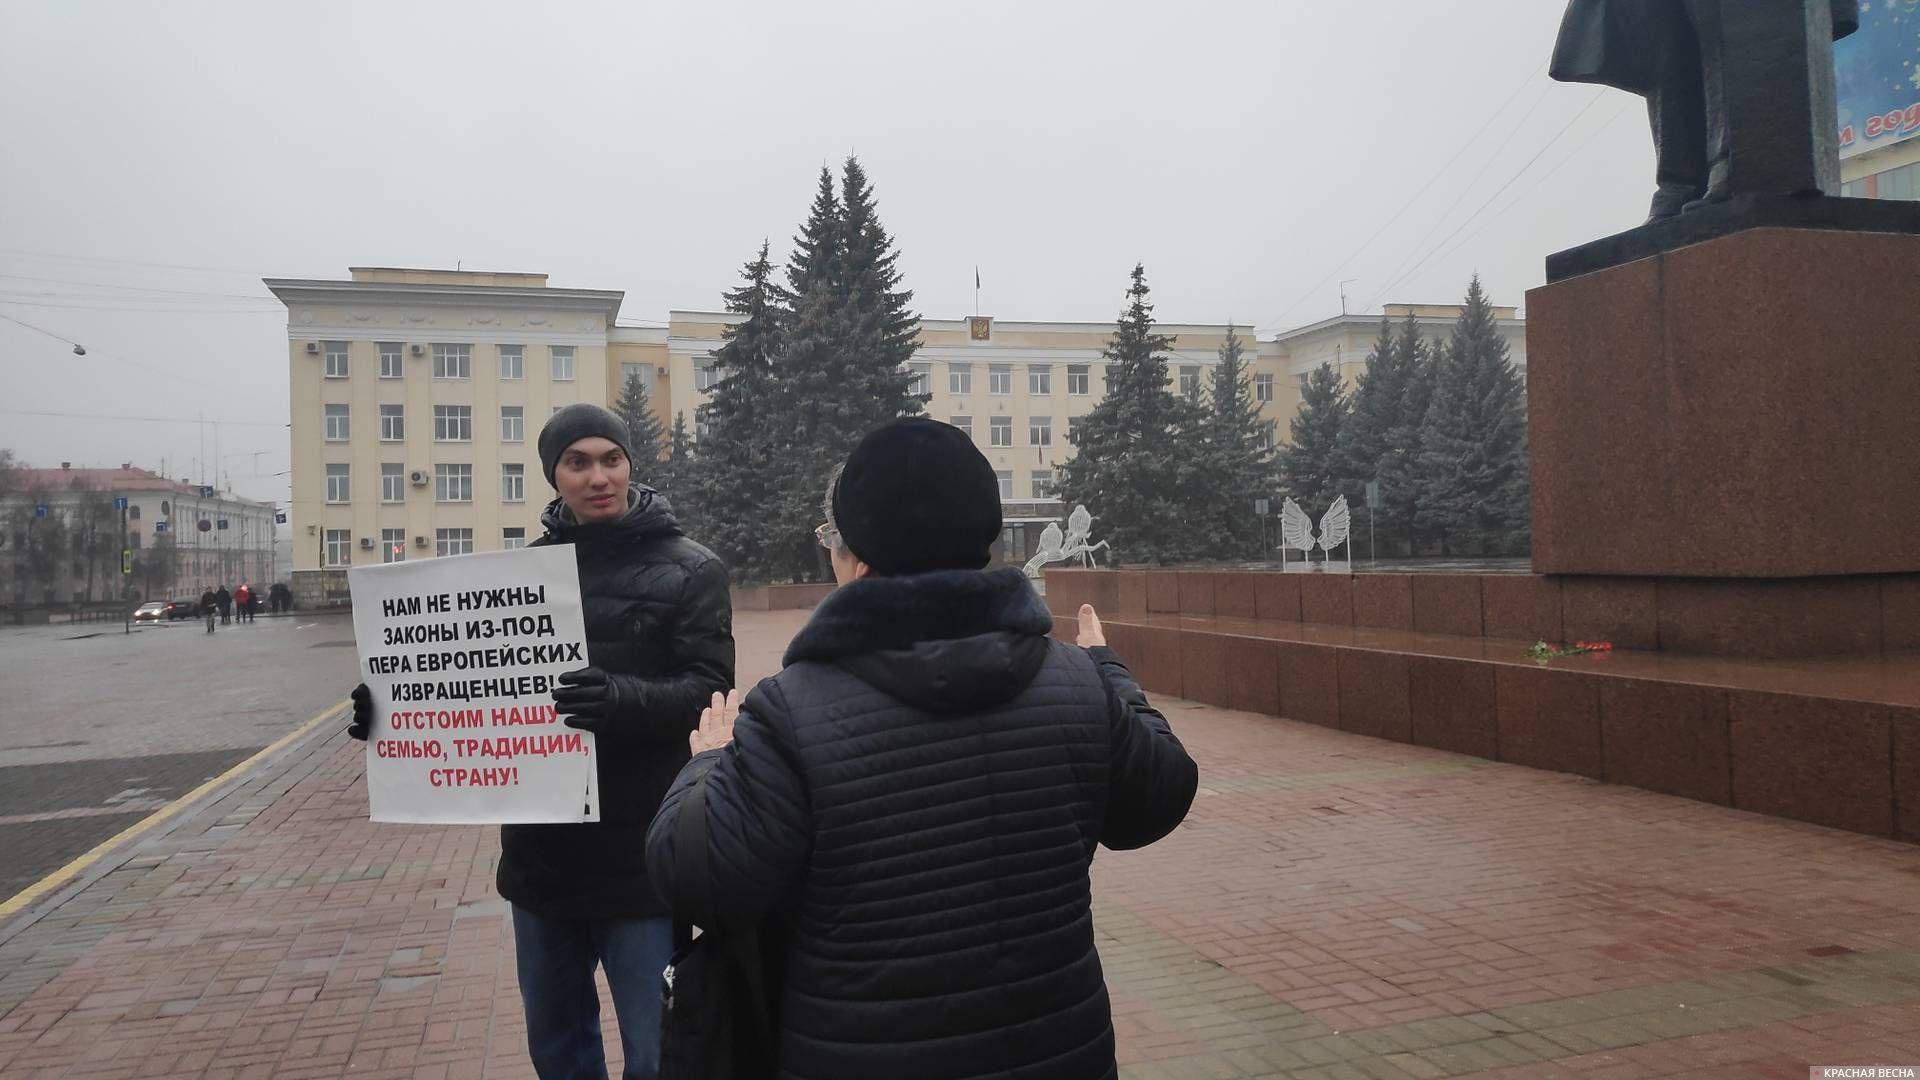 Пикет против закона о семейно-бытовом насилии в центре Брянска